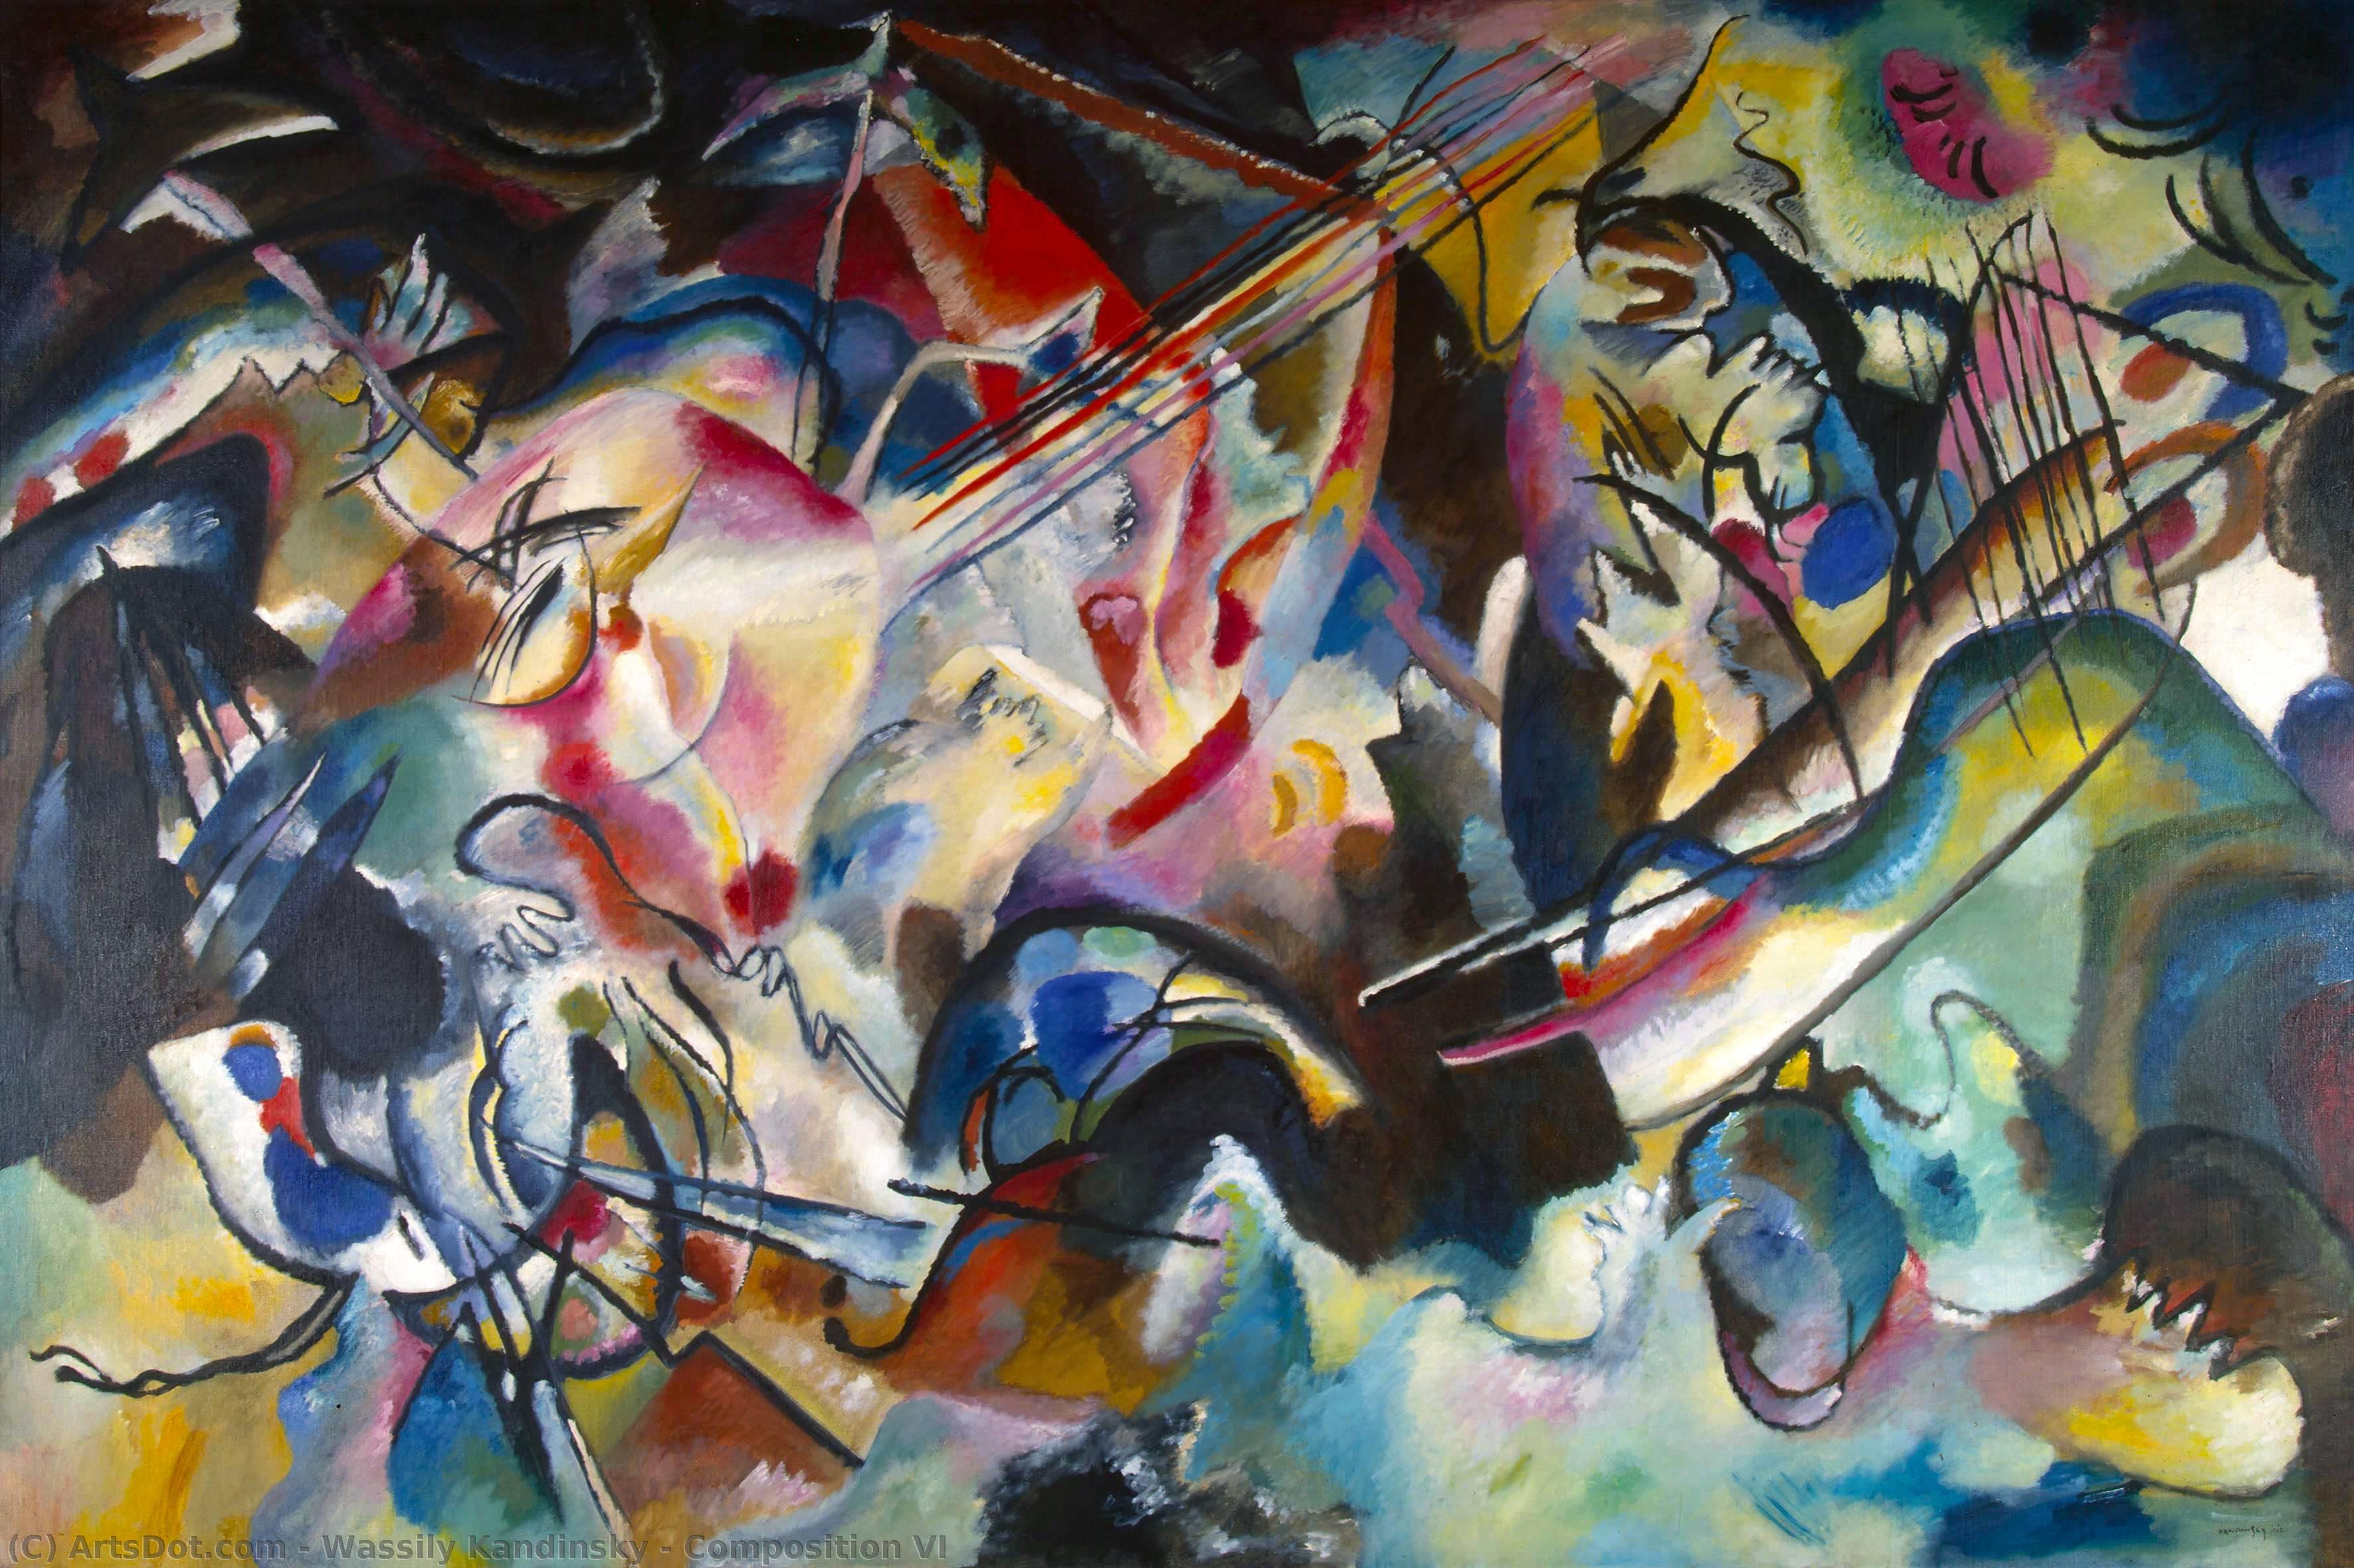 Wikoo.org - موسوعة الفنون الجميلة - اللوحة، العمل الفني Wassily Kandinsky - Composition VI